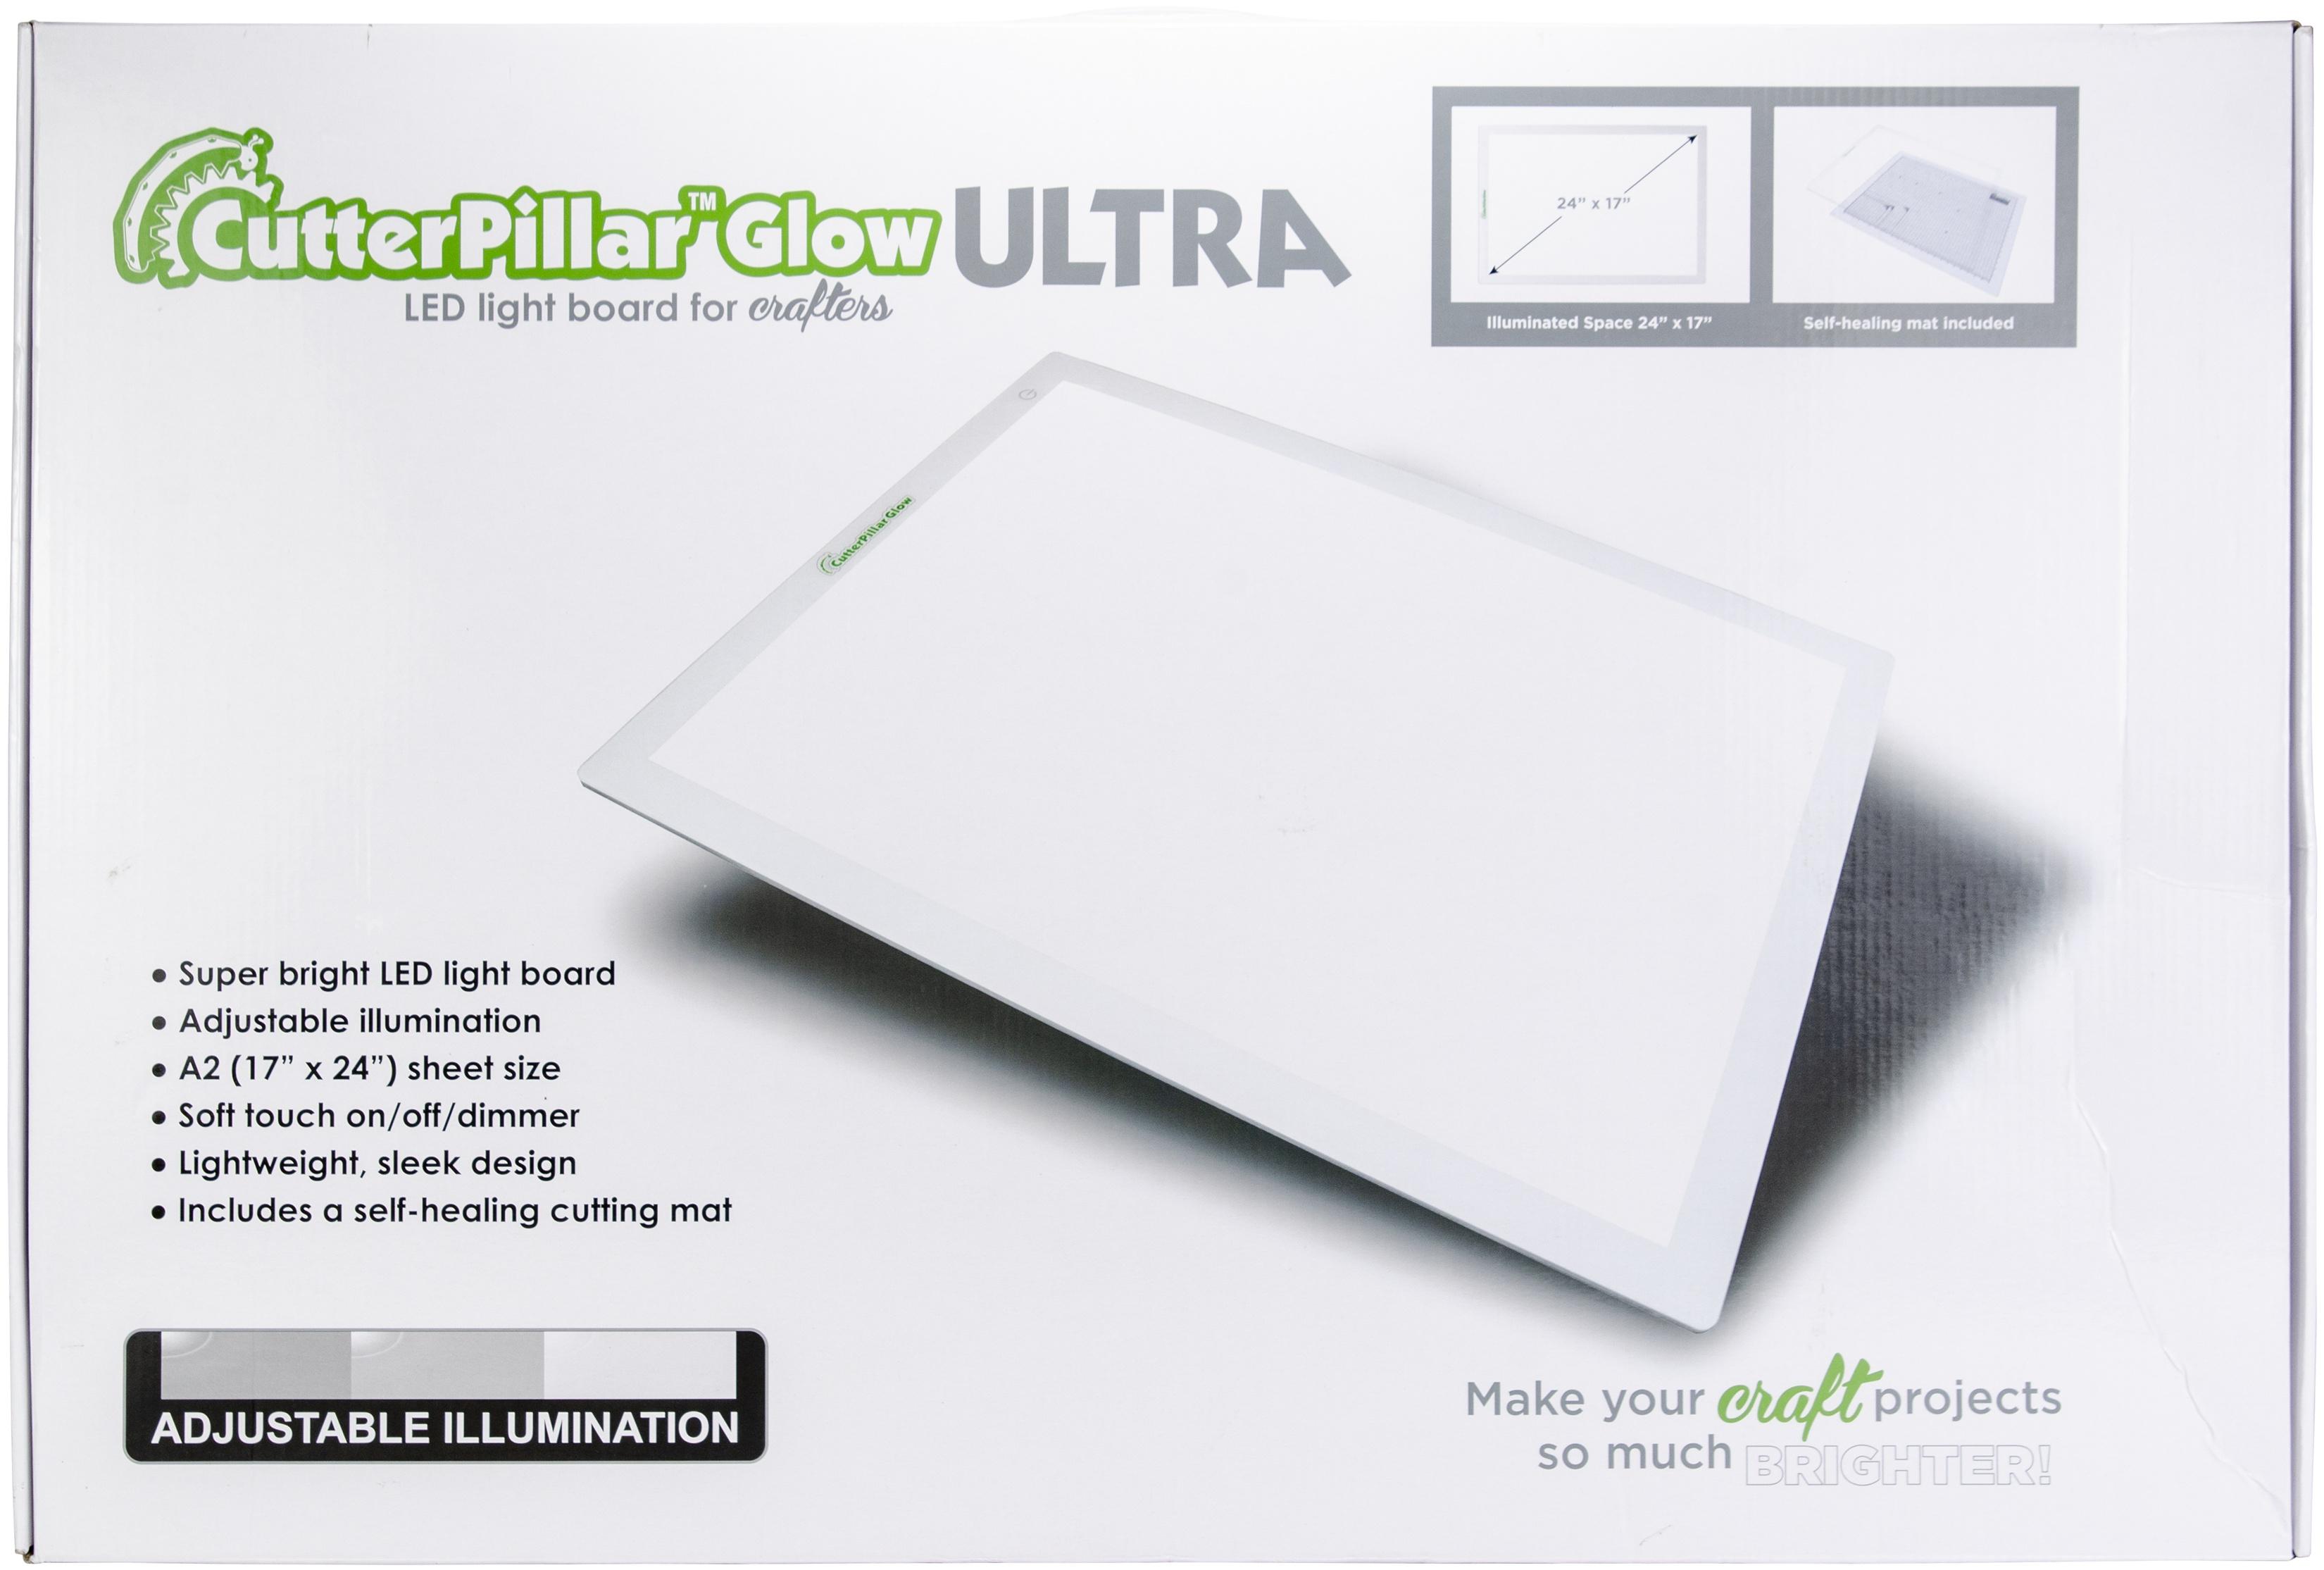 CutterPillar Glow Ultra-